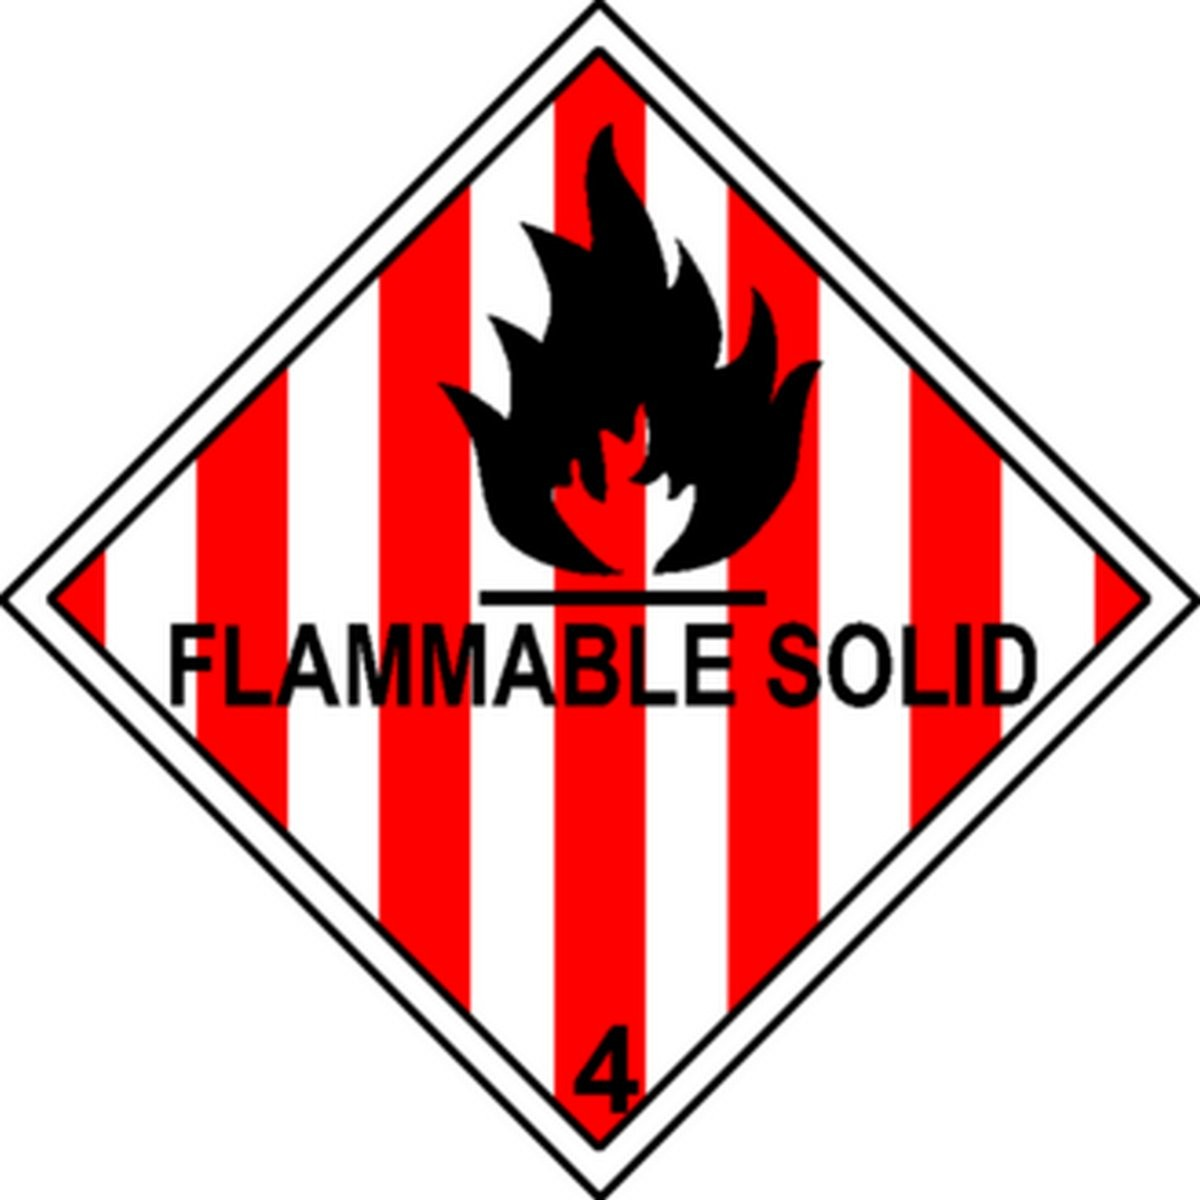 Etiquette Flammable Solid Classe 4 en anglais